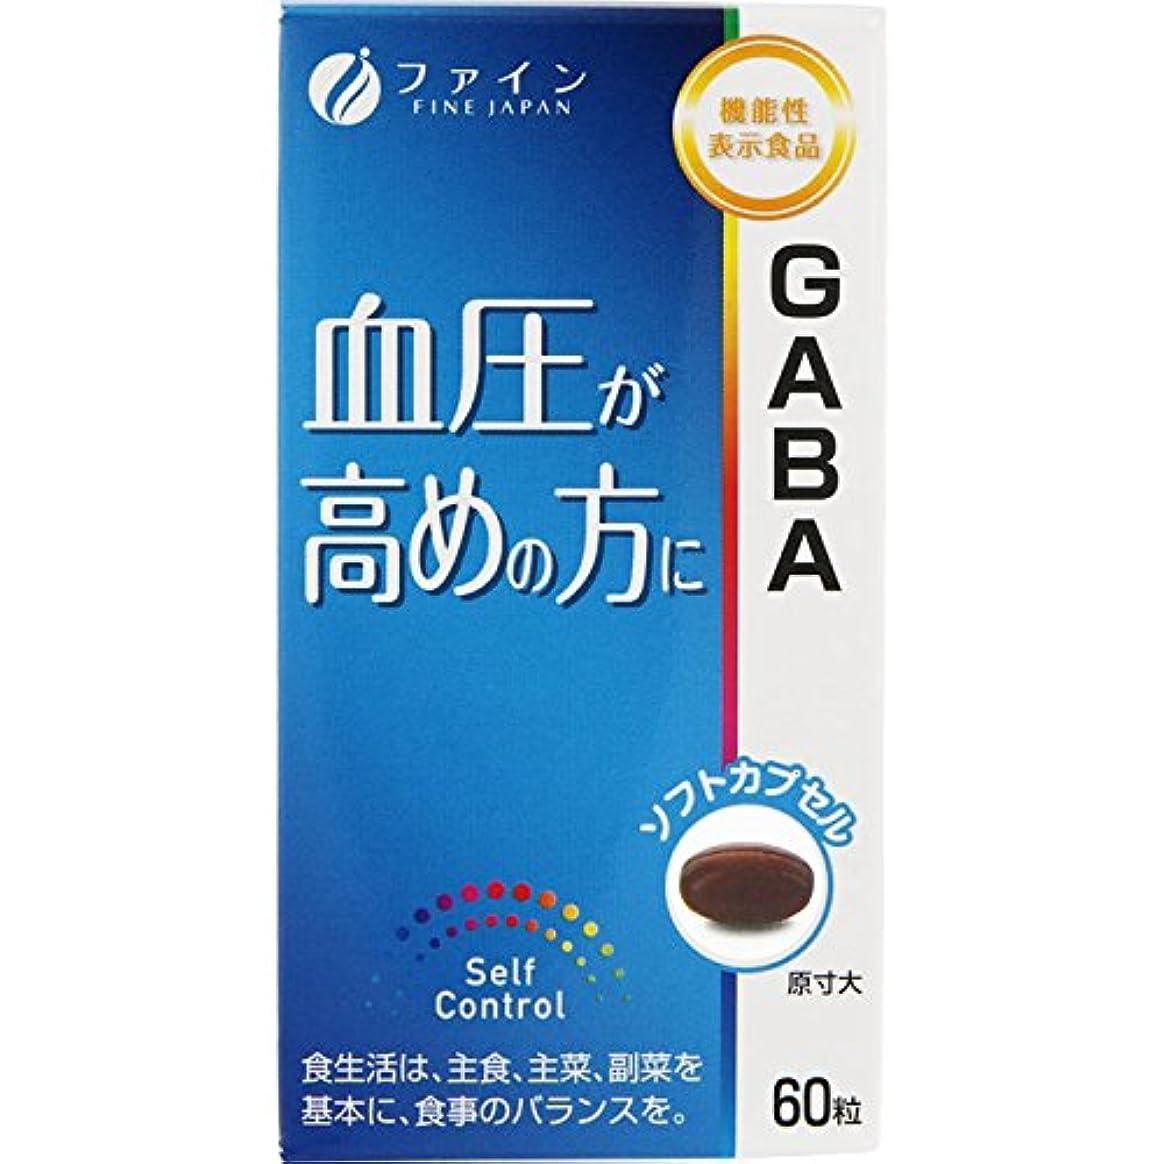 ドライバ公平スイングファイン 機能性表示食品 GABA 27g(450mg×60粒)